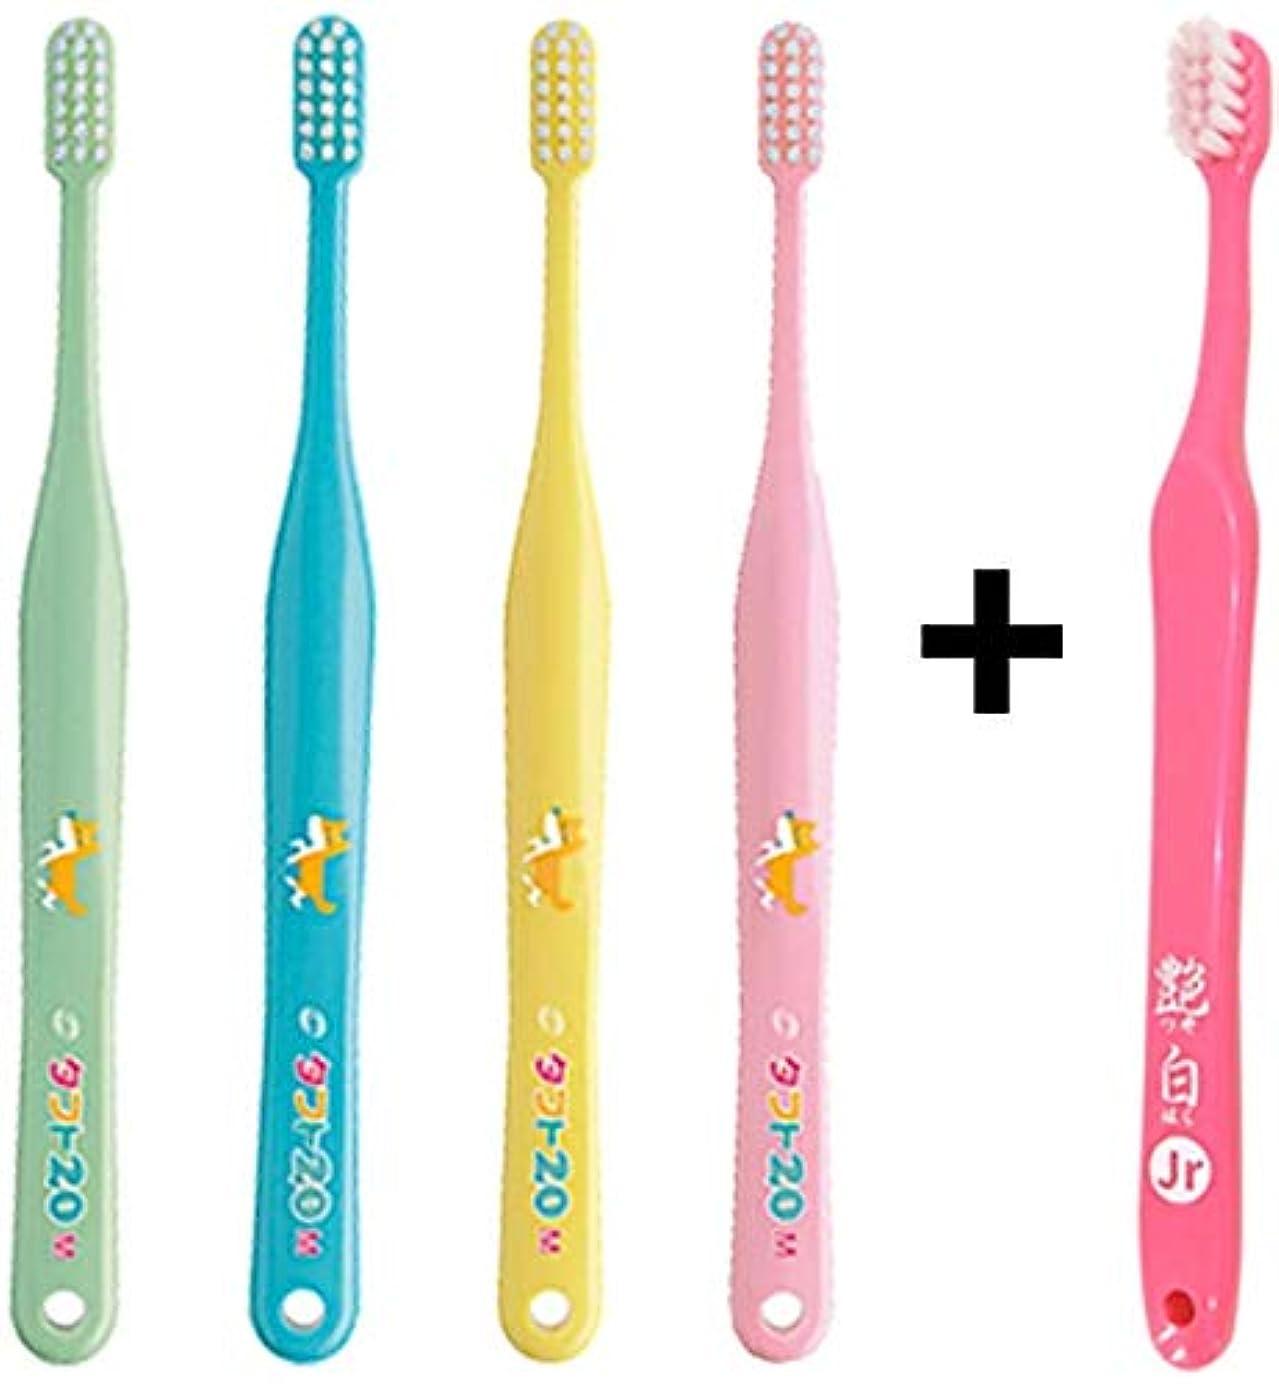 コート不誠実腐食するタフト20 M(ふつう) こども 歯ブラシ×10本 + 艶白(つやはく) Jr ジュニア ハブラシ×1本 MS(やややわらかめ) 日本製 歯科専売品